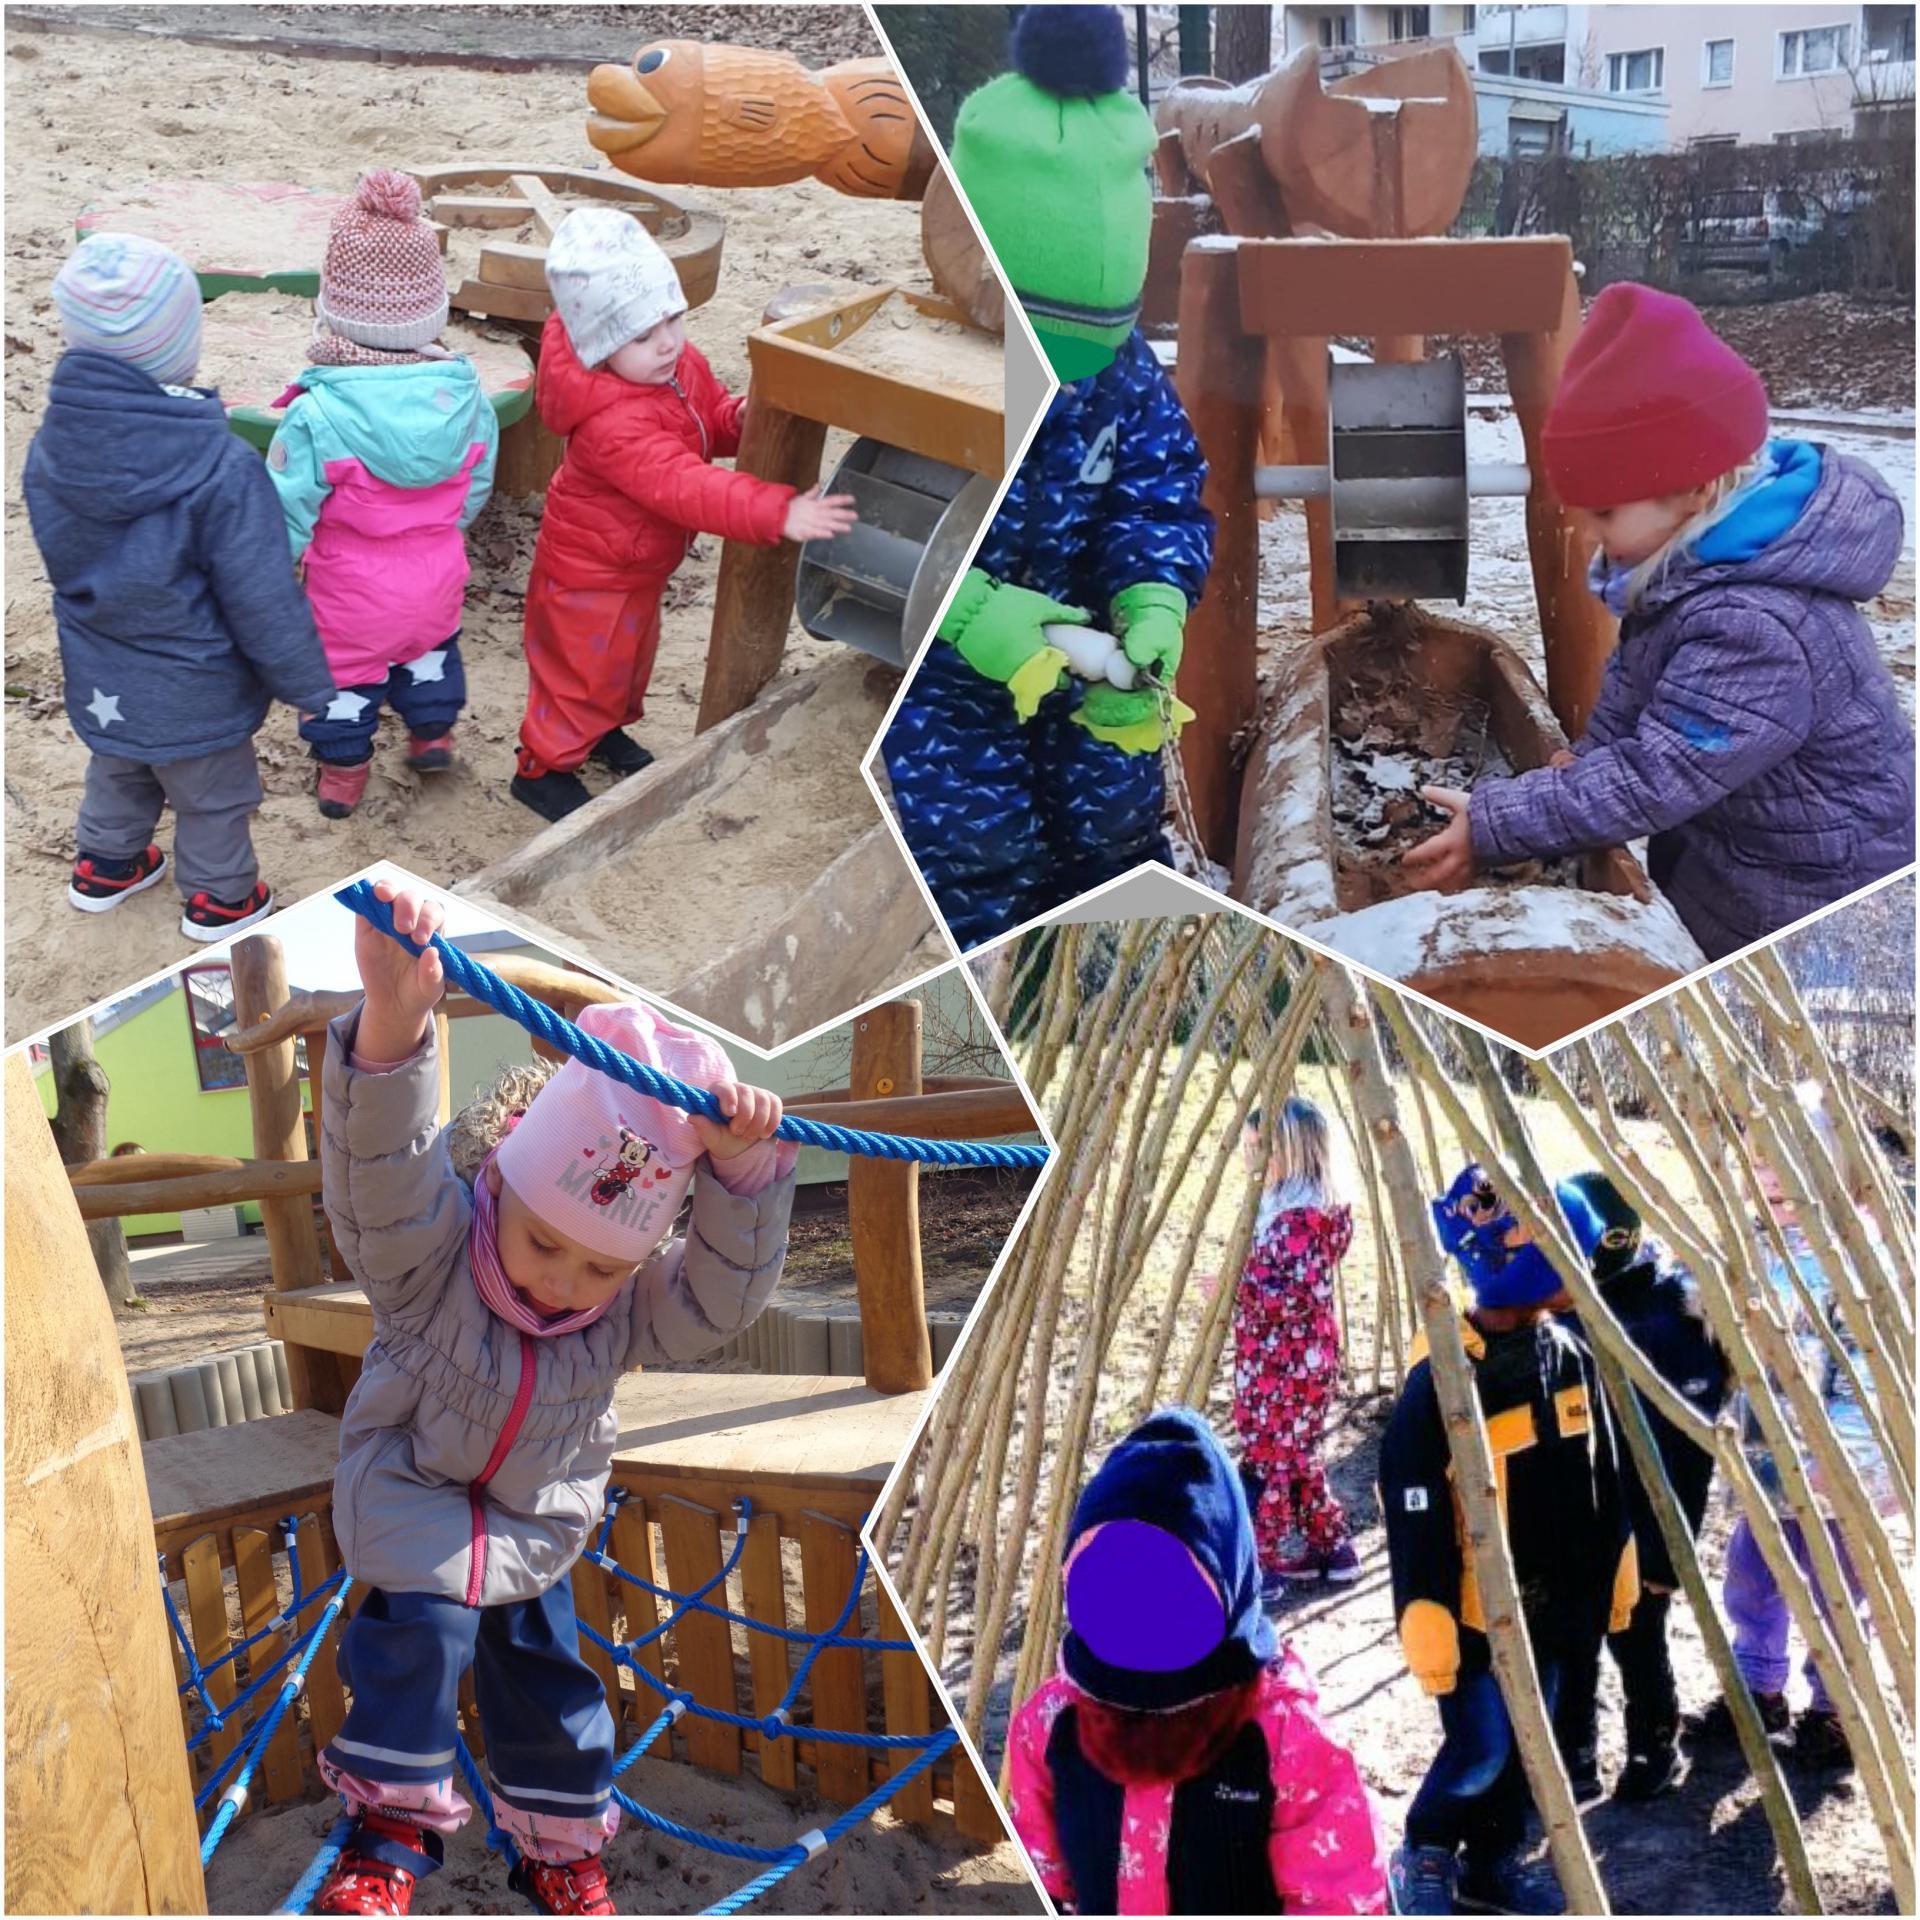 Unsere Kinder erkunden den Spielplatz